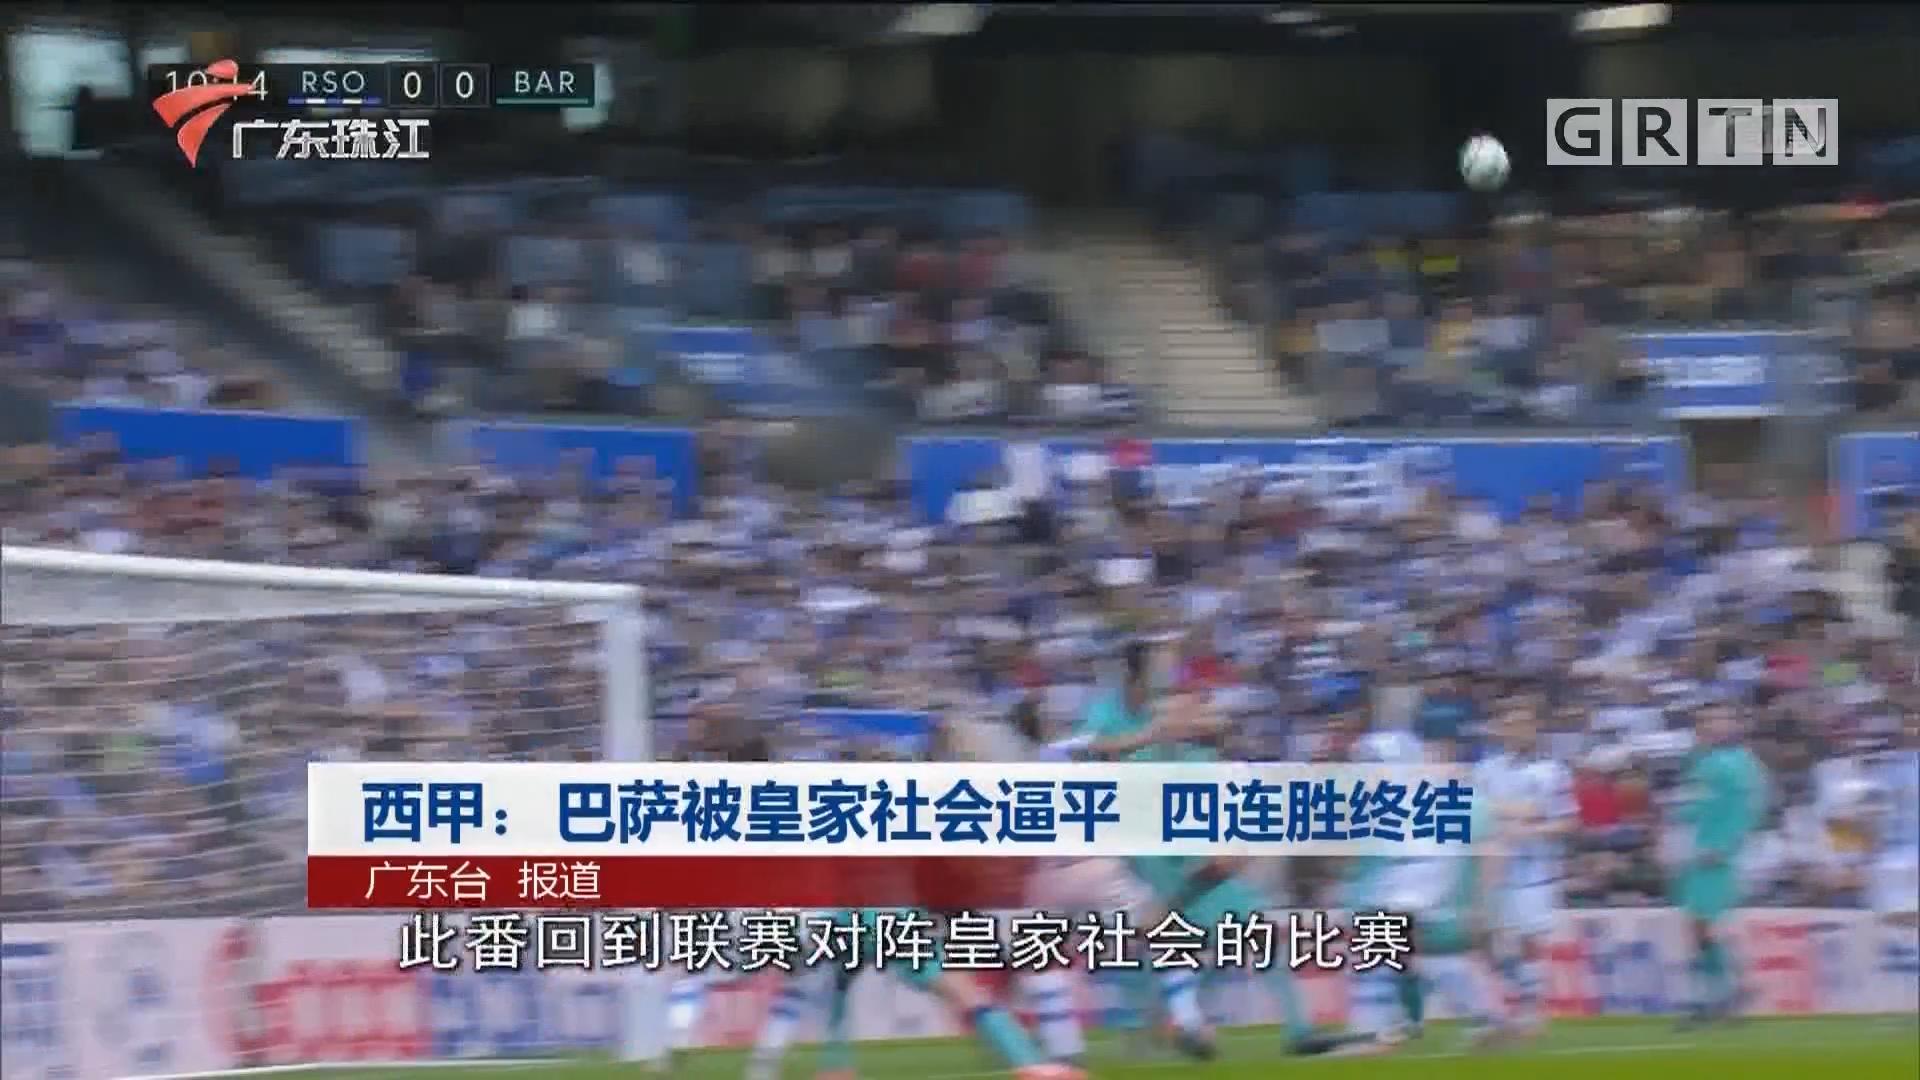 西甲:巴萨被皇家社会逼平 四连胜终结